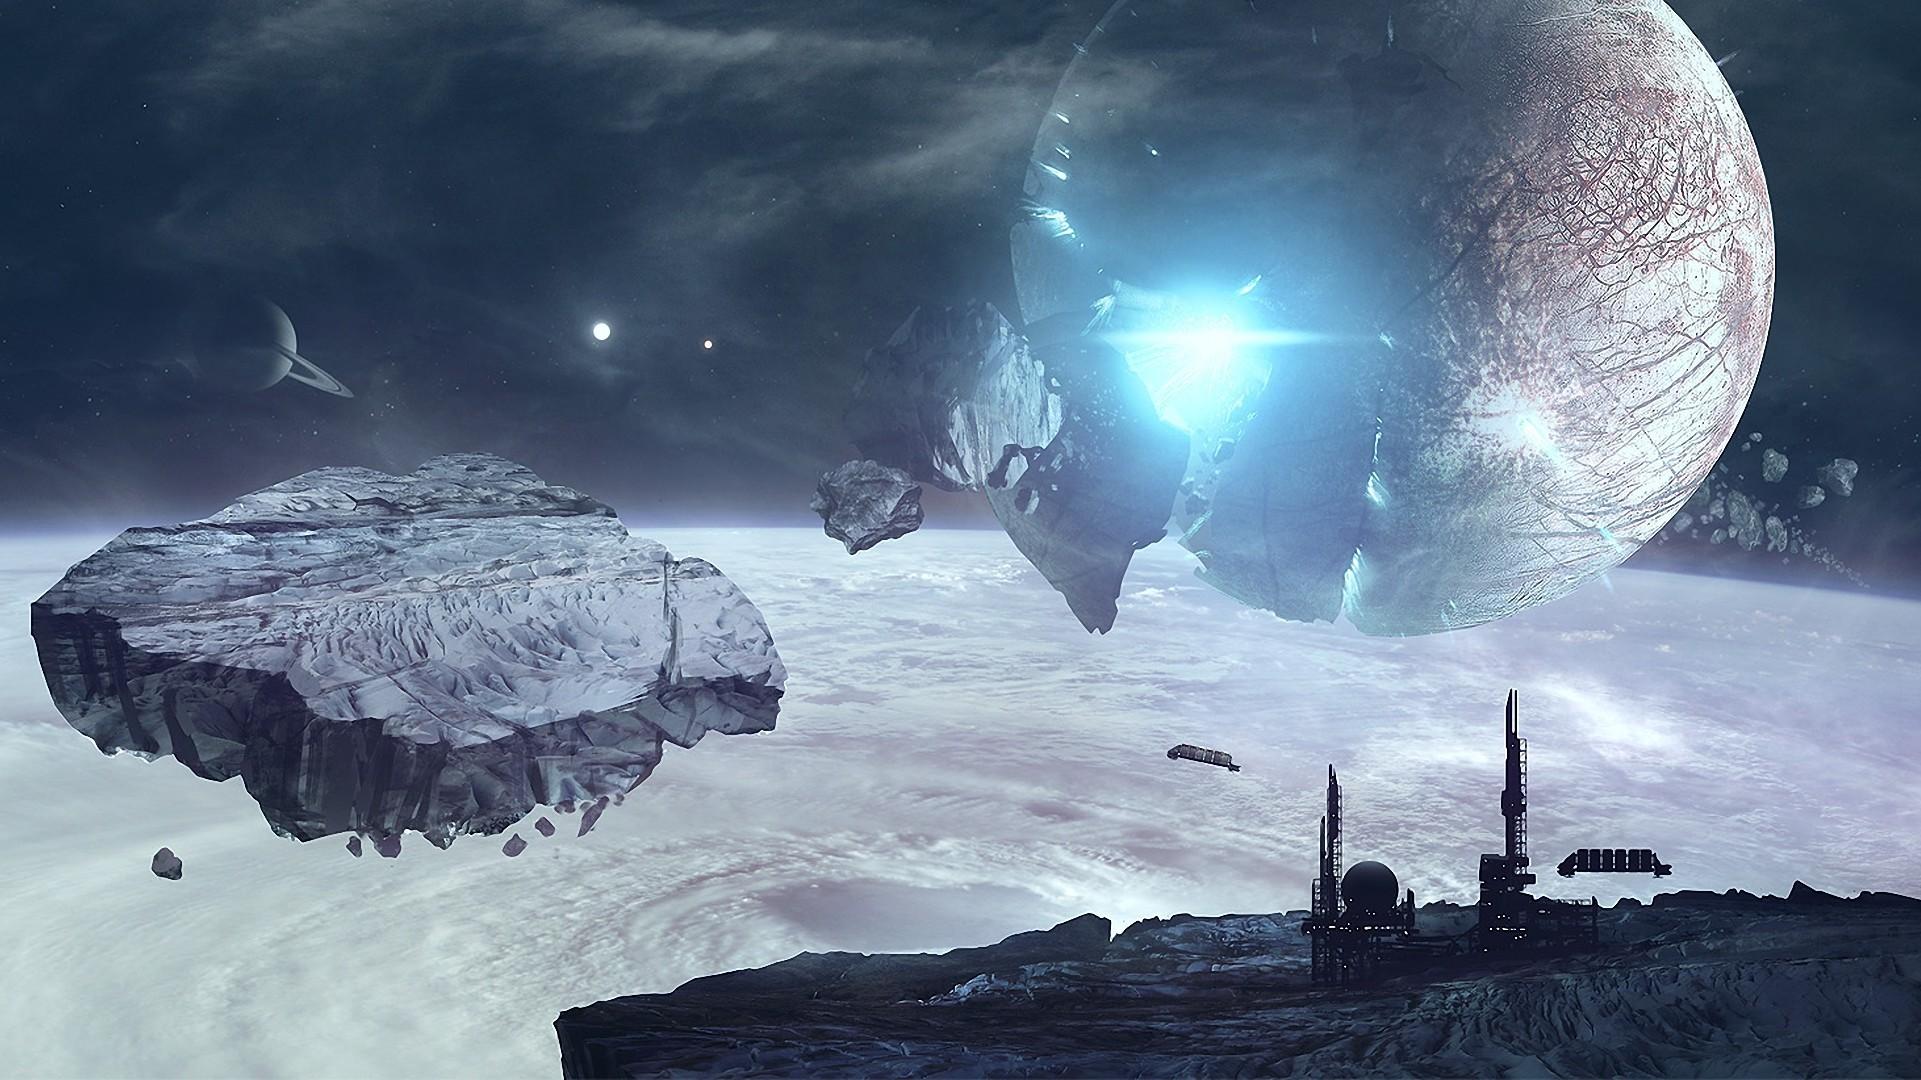 Обои Разрушенная планета, корабль картинки на рабочий стол на тему Космос - скачать  № 3552352  скачать